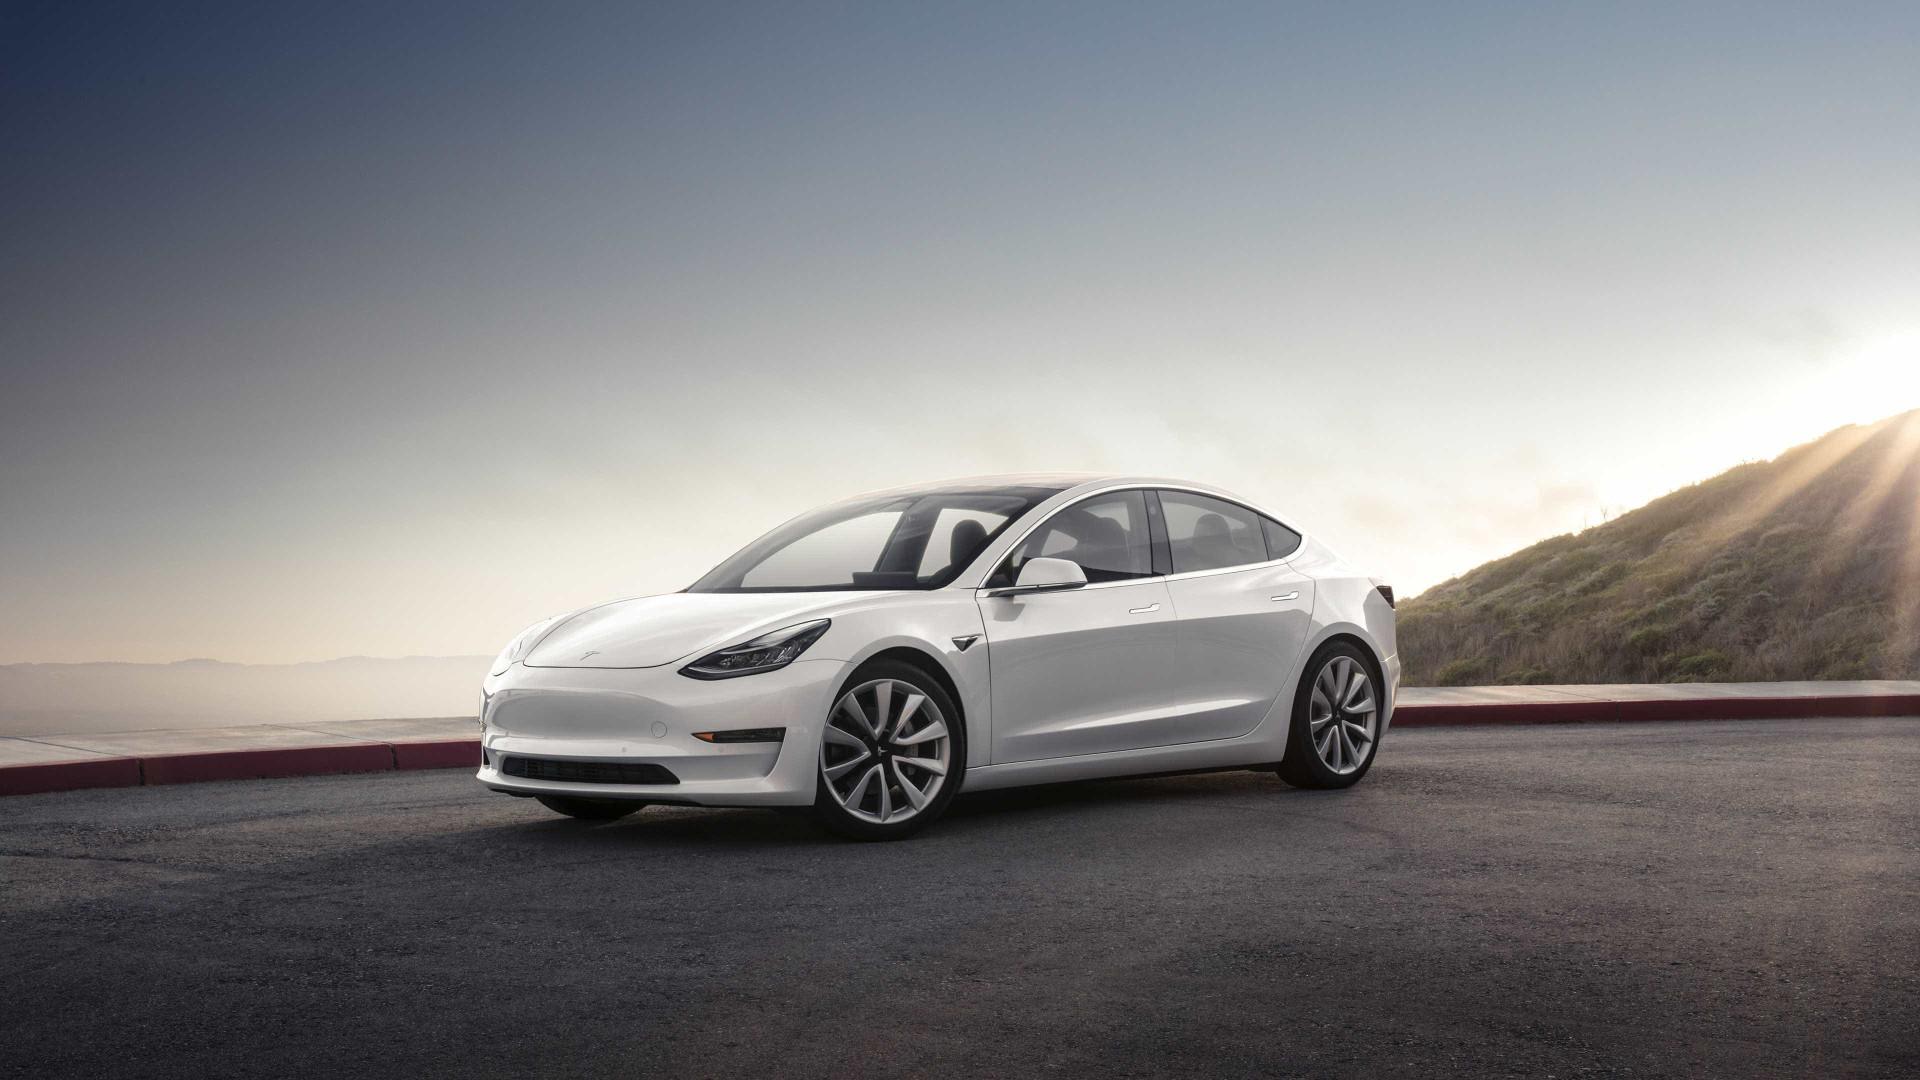 O Model 3 já chegou. Veja as imagens do evento da Tesla